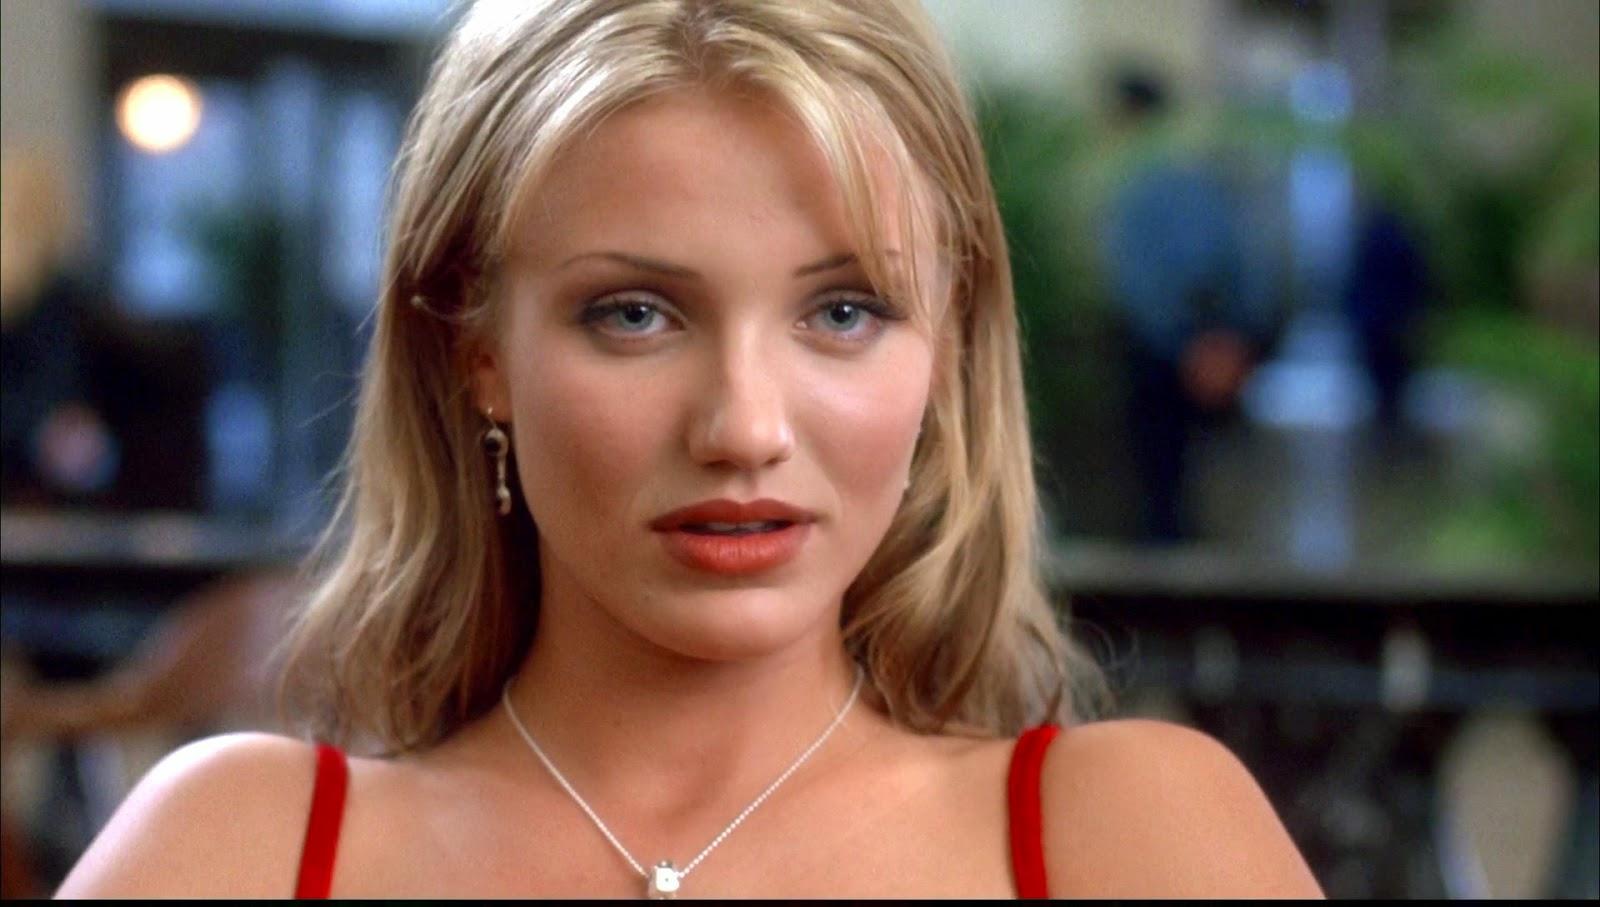 Cameron Diaz American Model Actress | Cameron Michelle ...Cameron Diaz Age 2003